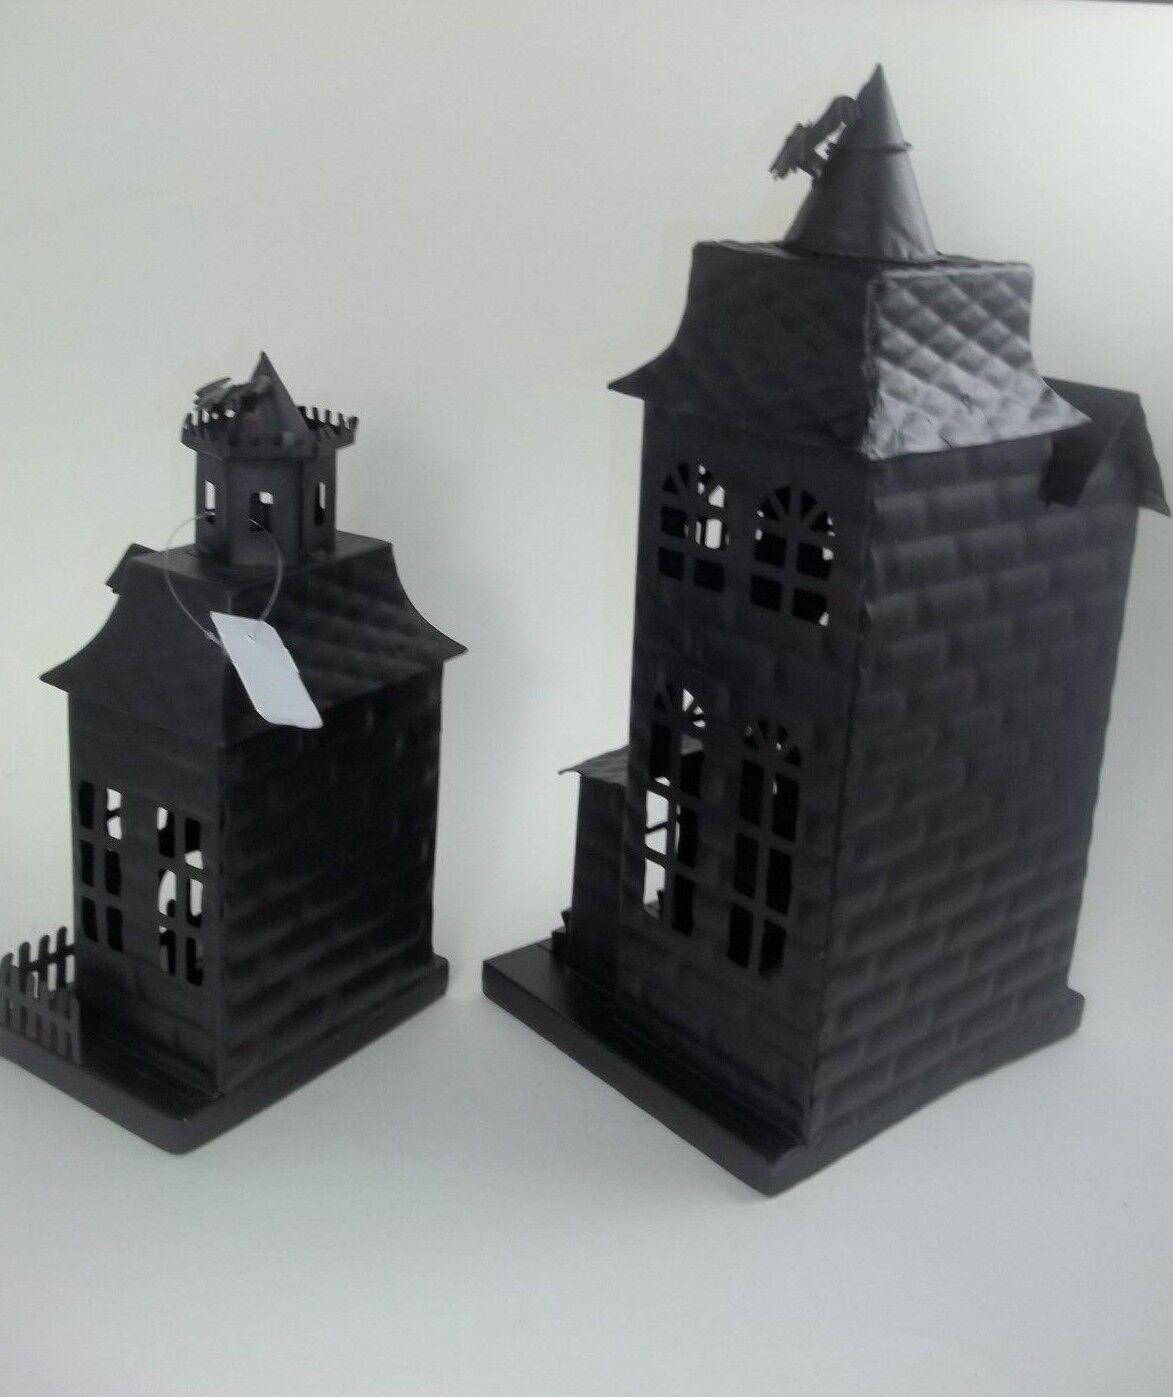 Pottery Barn Haunted House Iron Small Bats Halloween New